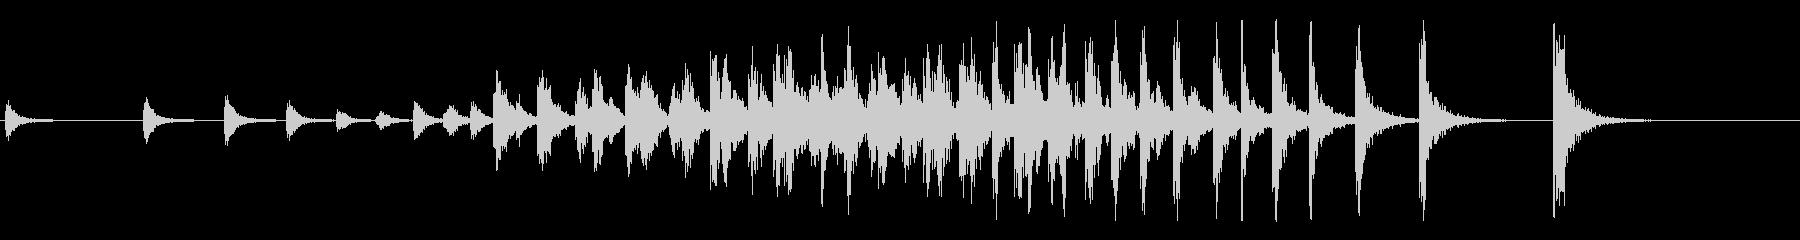 和太鼓のオープニングに最適な連打音+FXの未再生の波形